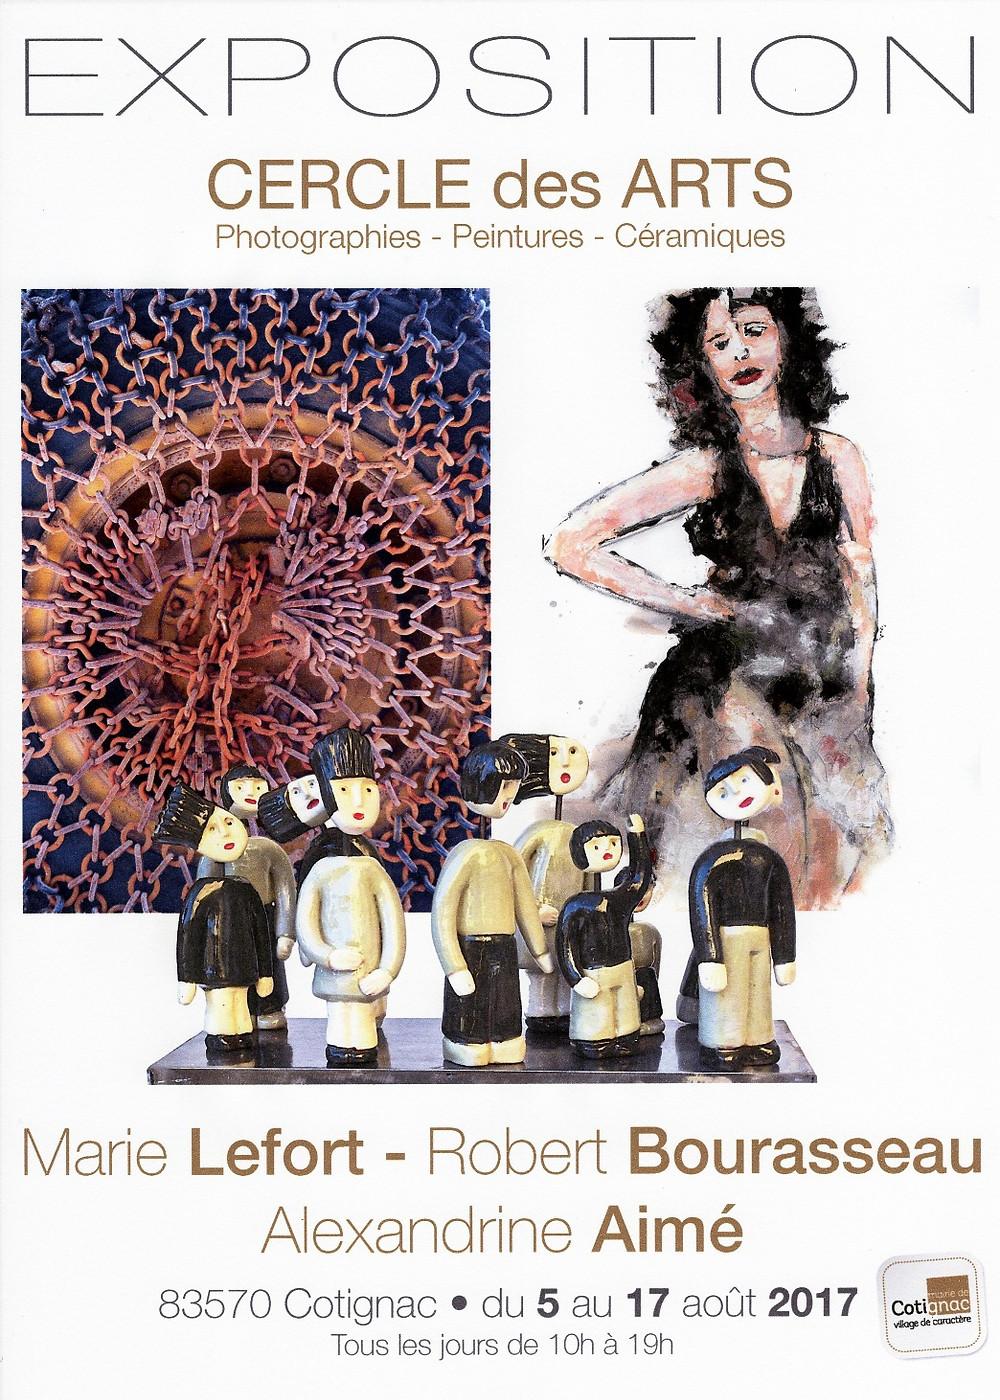 Exposition de peintures de Robert Bourasseau avec les photographies de Marie Lefort ainsi que les céramiques d'Alexandrine Aimé aux Cercle des Arts de Cotignac dans le Var du 5 au 17 août 2017